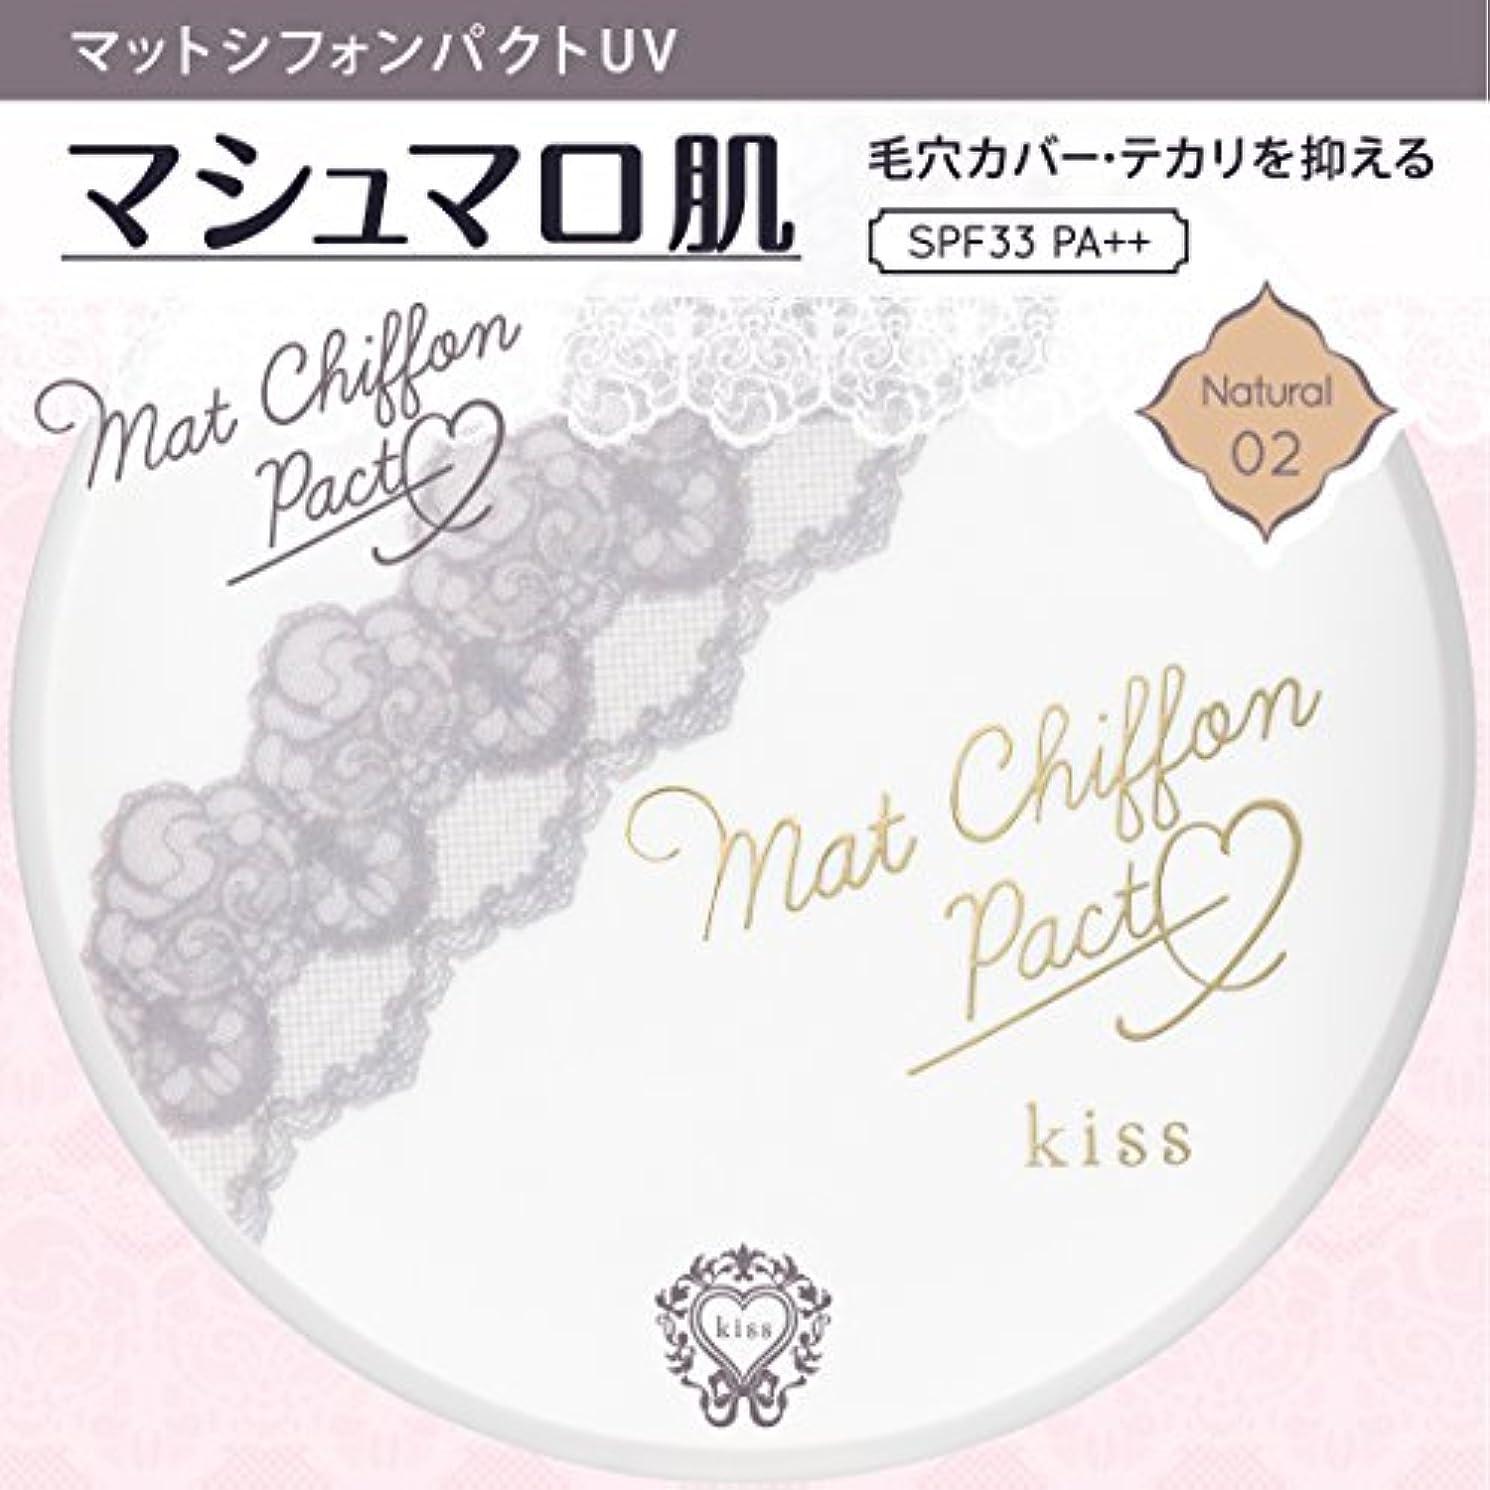 賞賛神経衰弱率直なキス マットシフォンパクトUV02 ナチュラル 7g